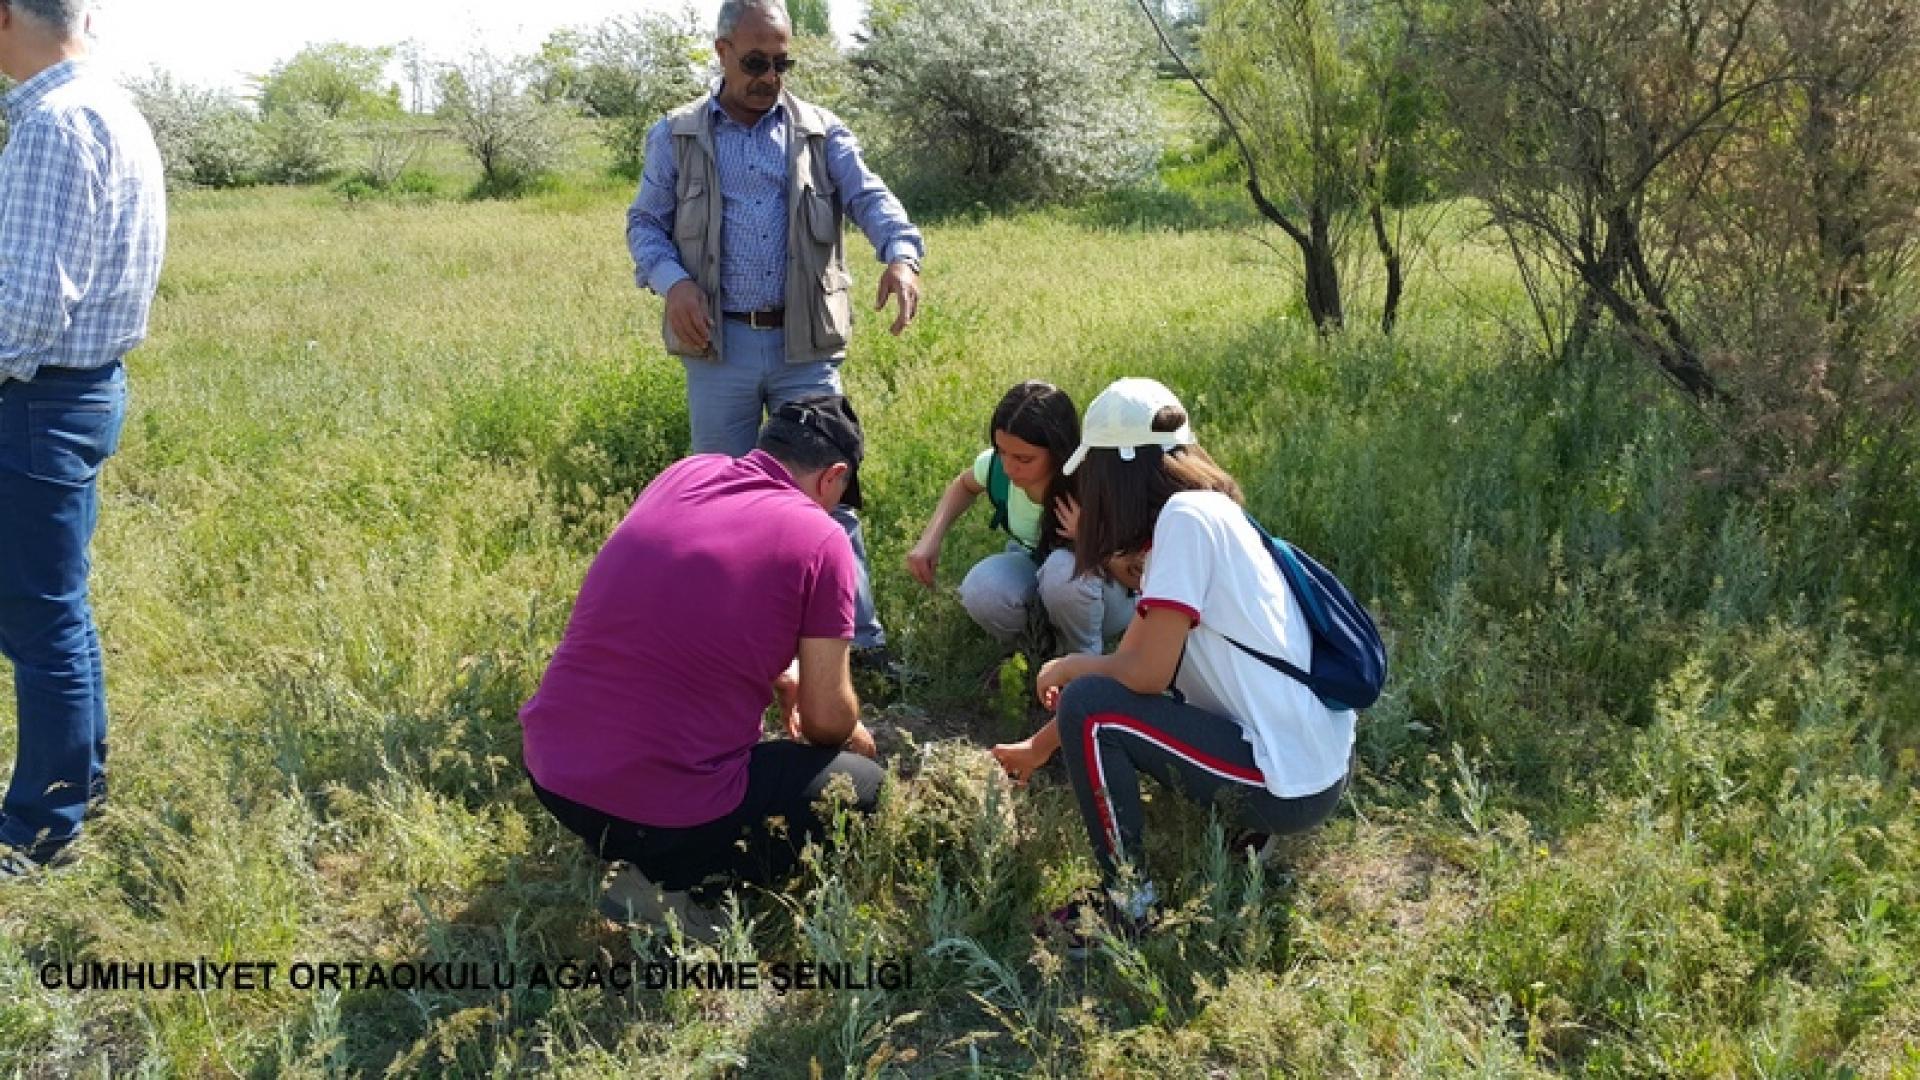 Cumhuriyet Ortaokulu Ağaç Dikme Şenliği 1524827709 61